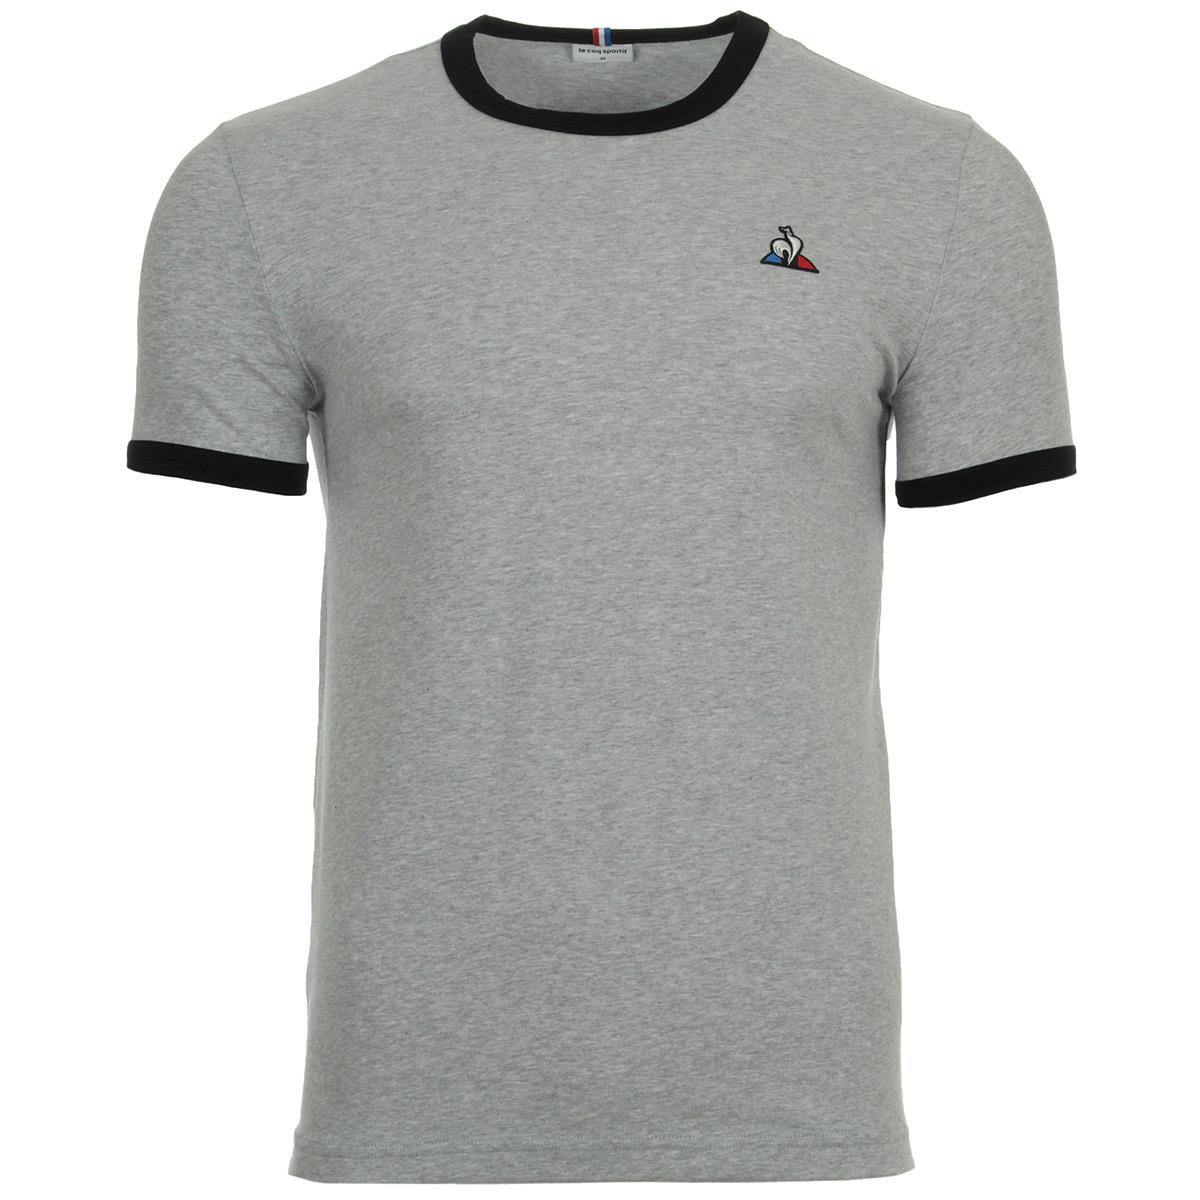 Vêtement T-Shirts Le Coq Sportif homme Ess Tee SS N°4 M taille Gris ... 59e35e441b4